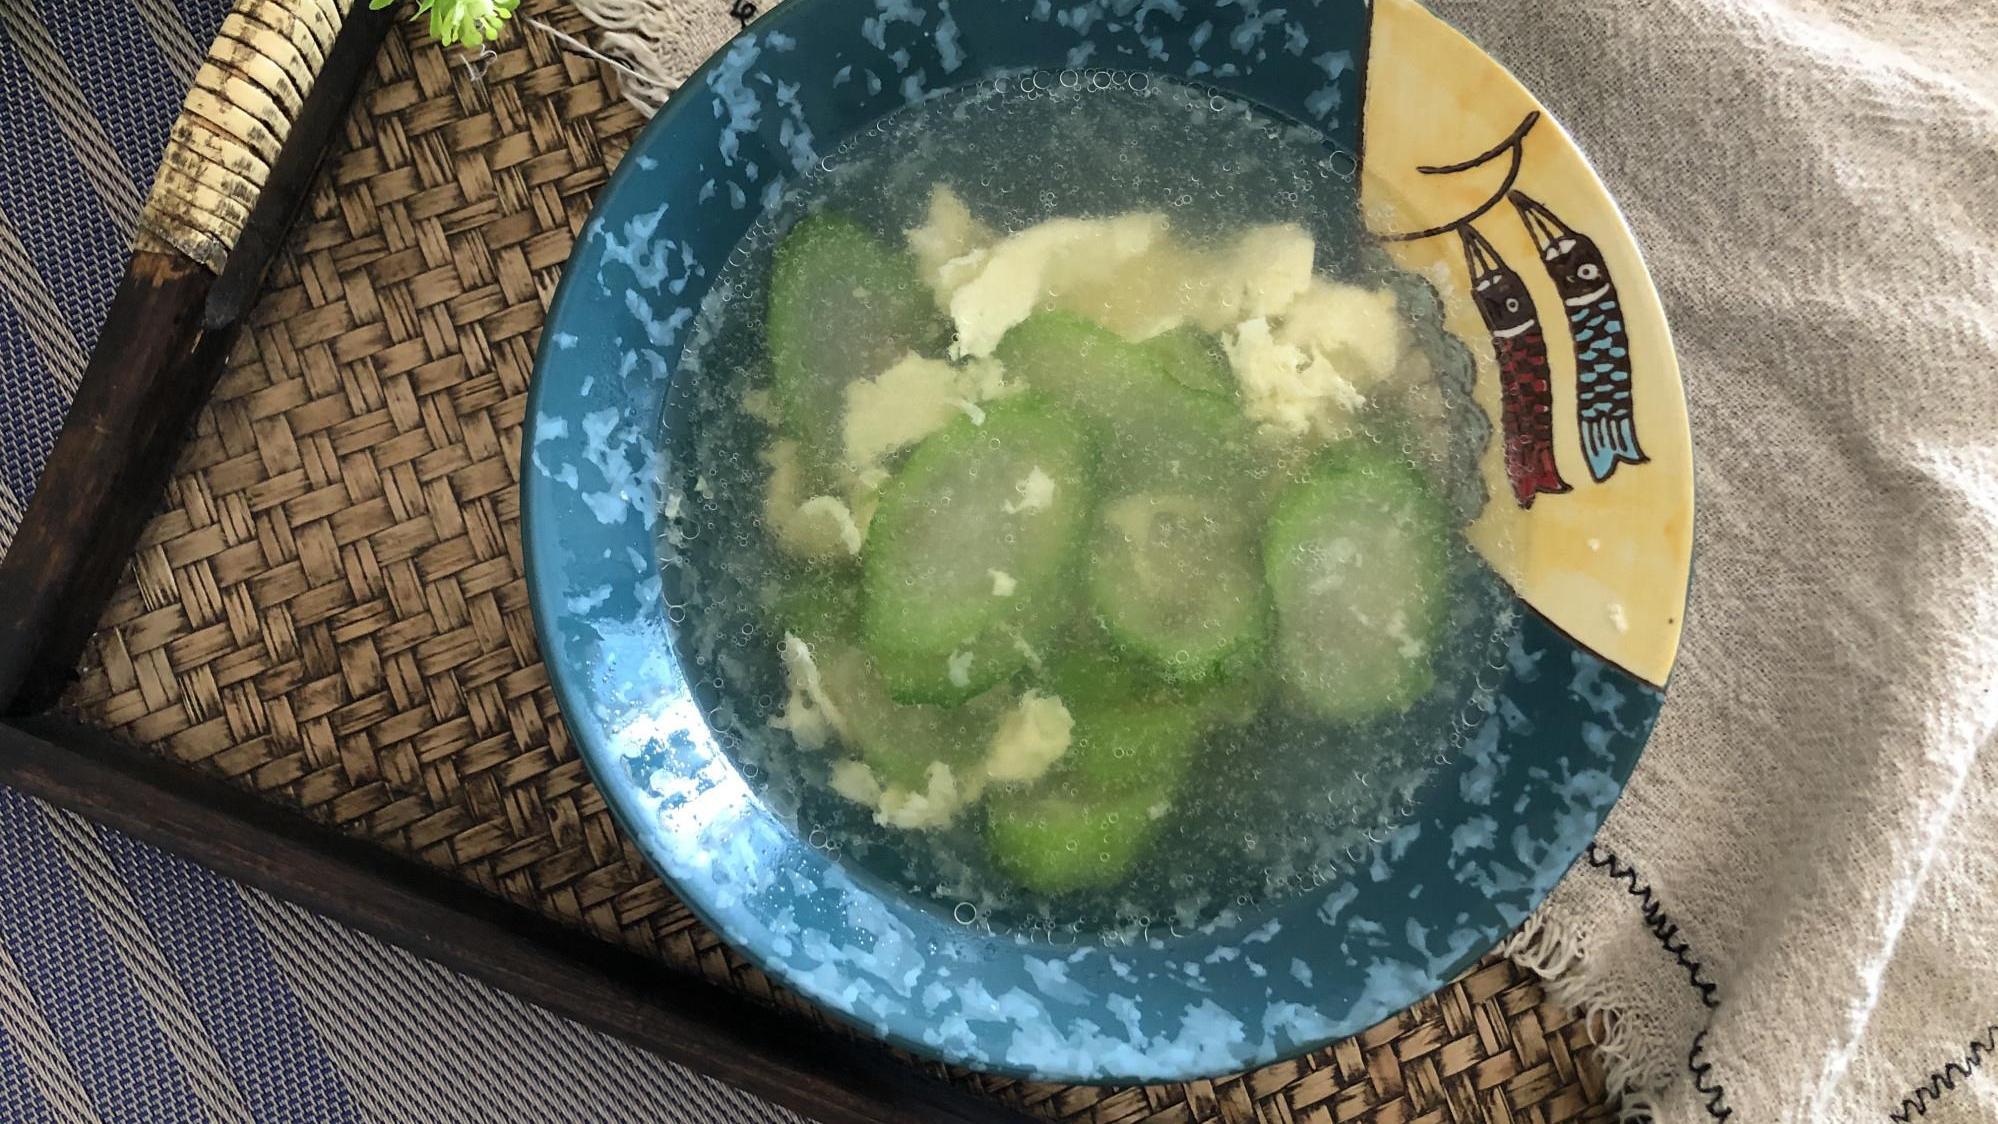 鸡蛋和它真是绝配,隔天喝一次,清热解暑又美味,润肠排黑宿便